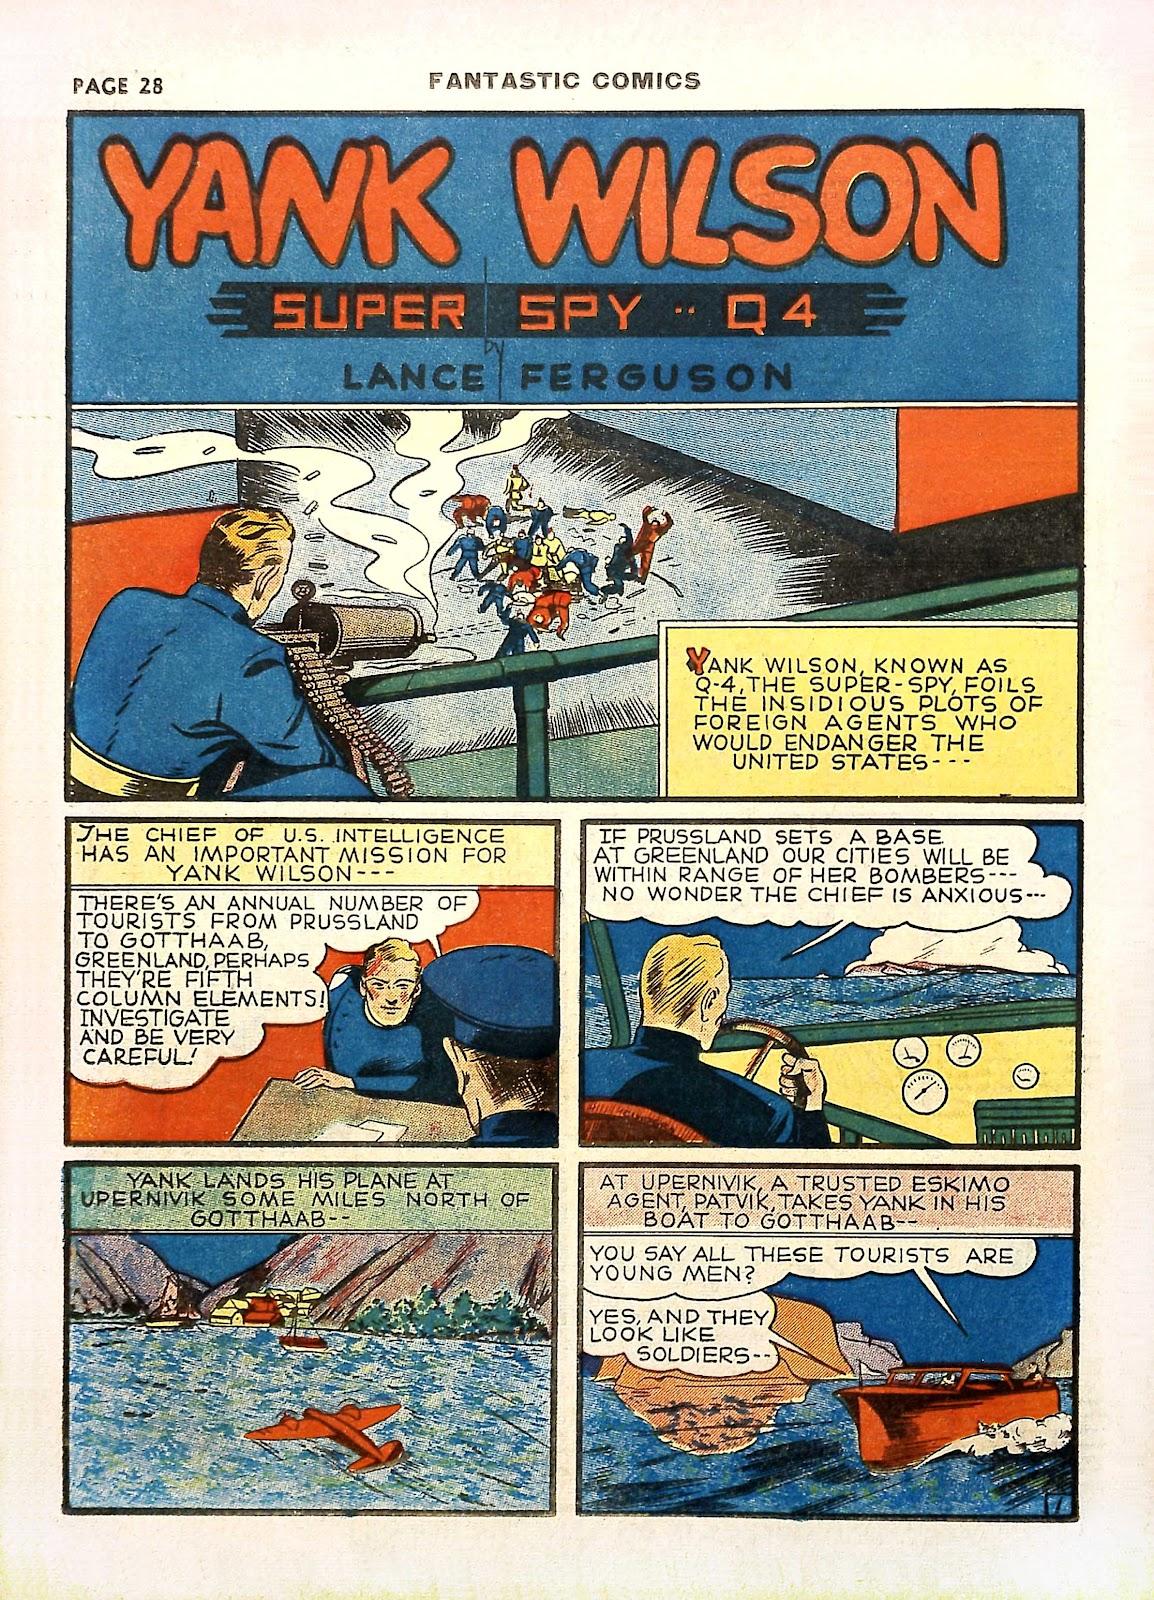 Read online Fantastic Comics comic -  Issue #11 - 31